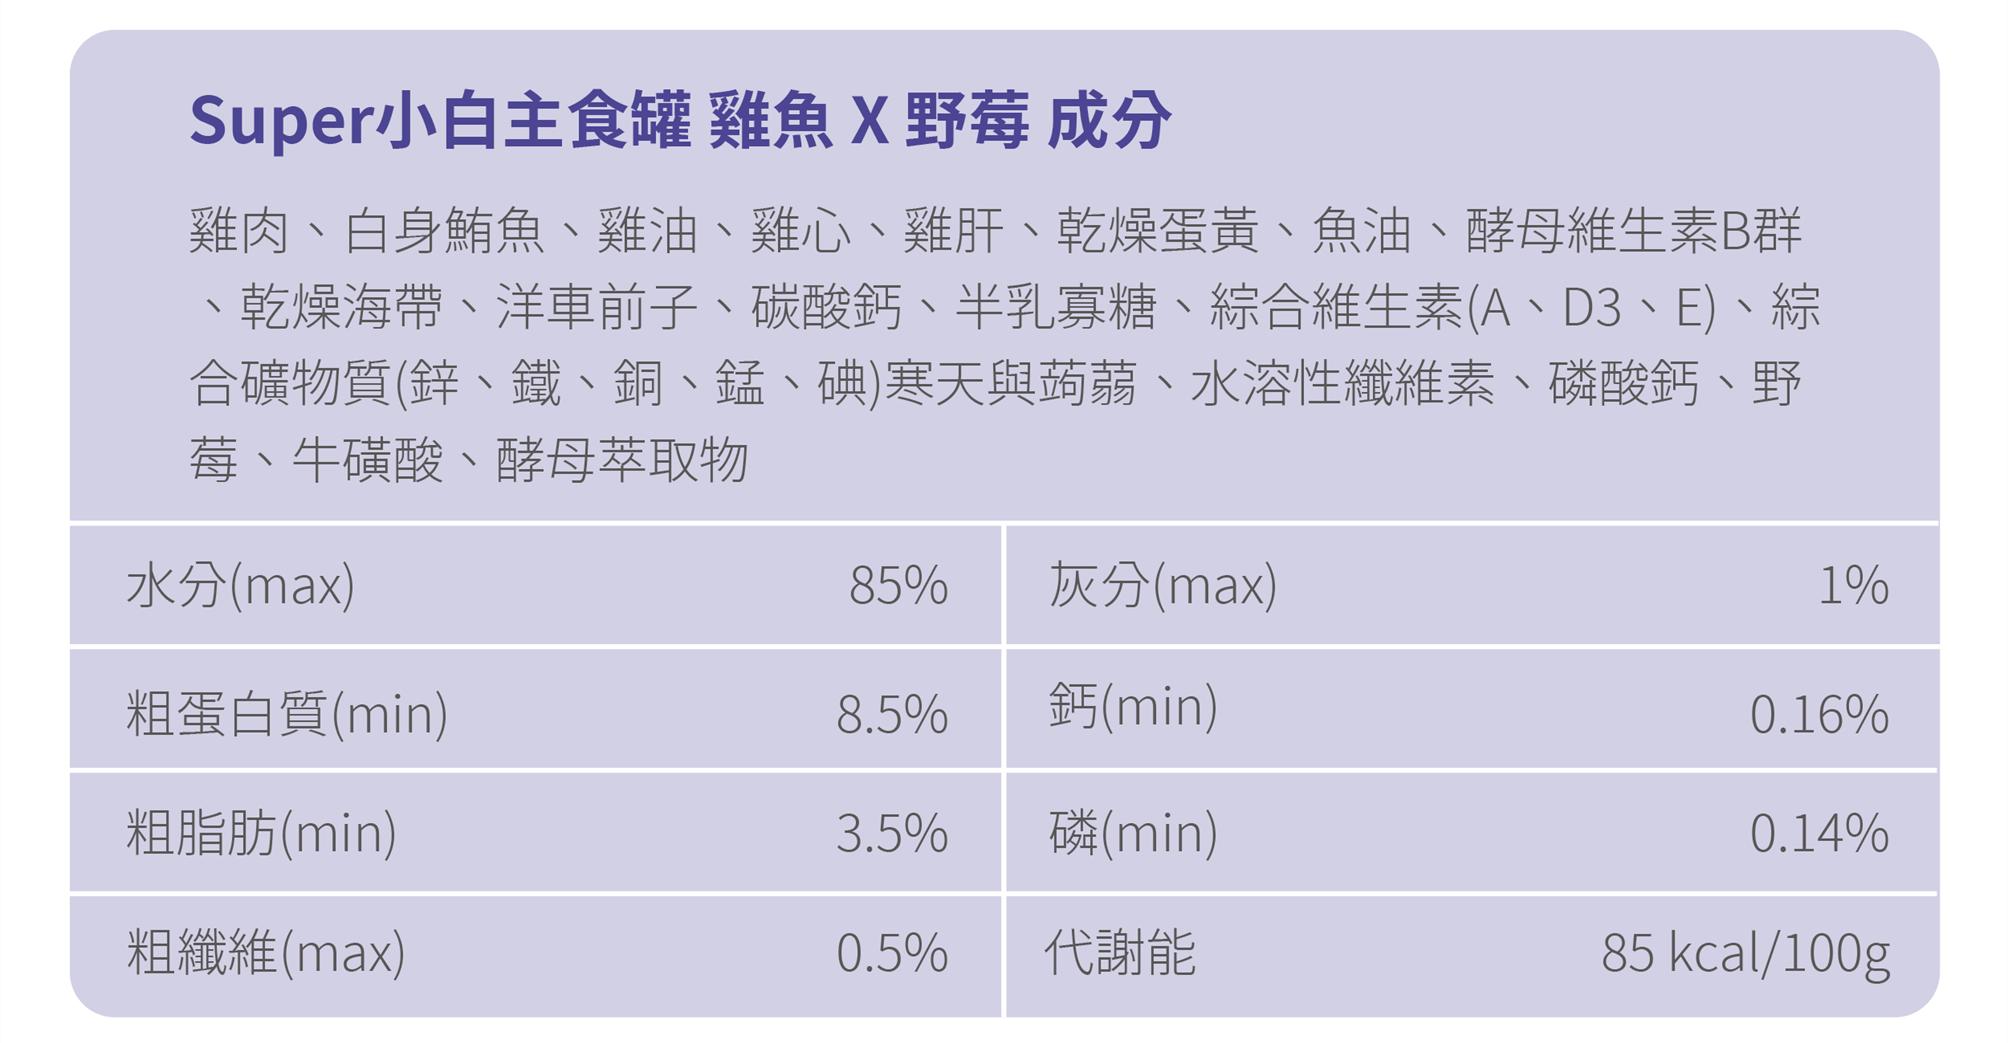 台灣製 nu4PET 陪心寵糧 超級小白主食罐 80g 貓主食罐 鮮魚雞牛諾麗果銀耳蜂王乳野莓褐藻